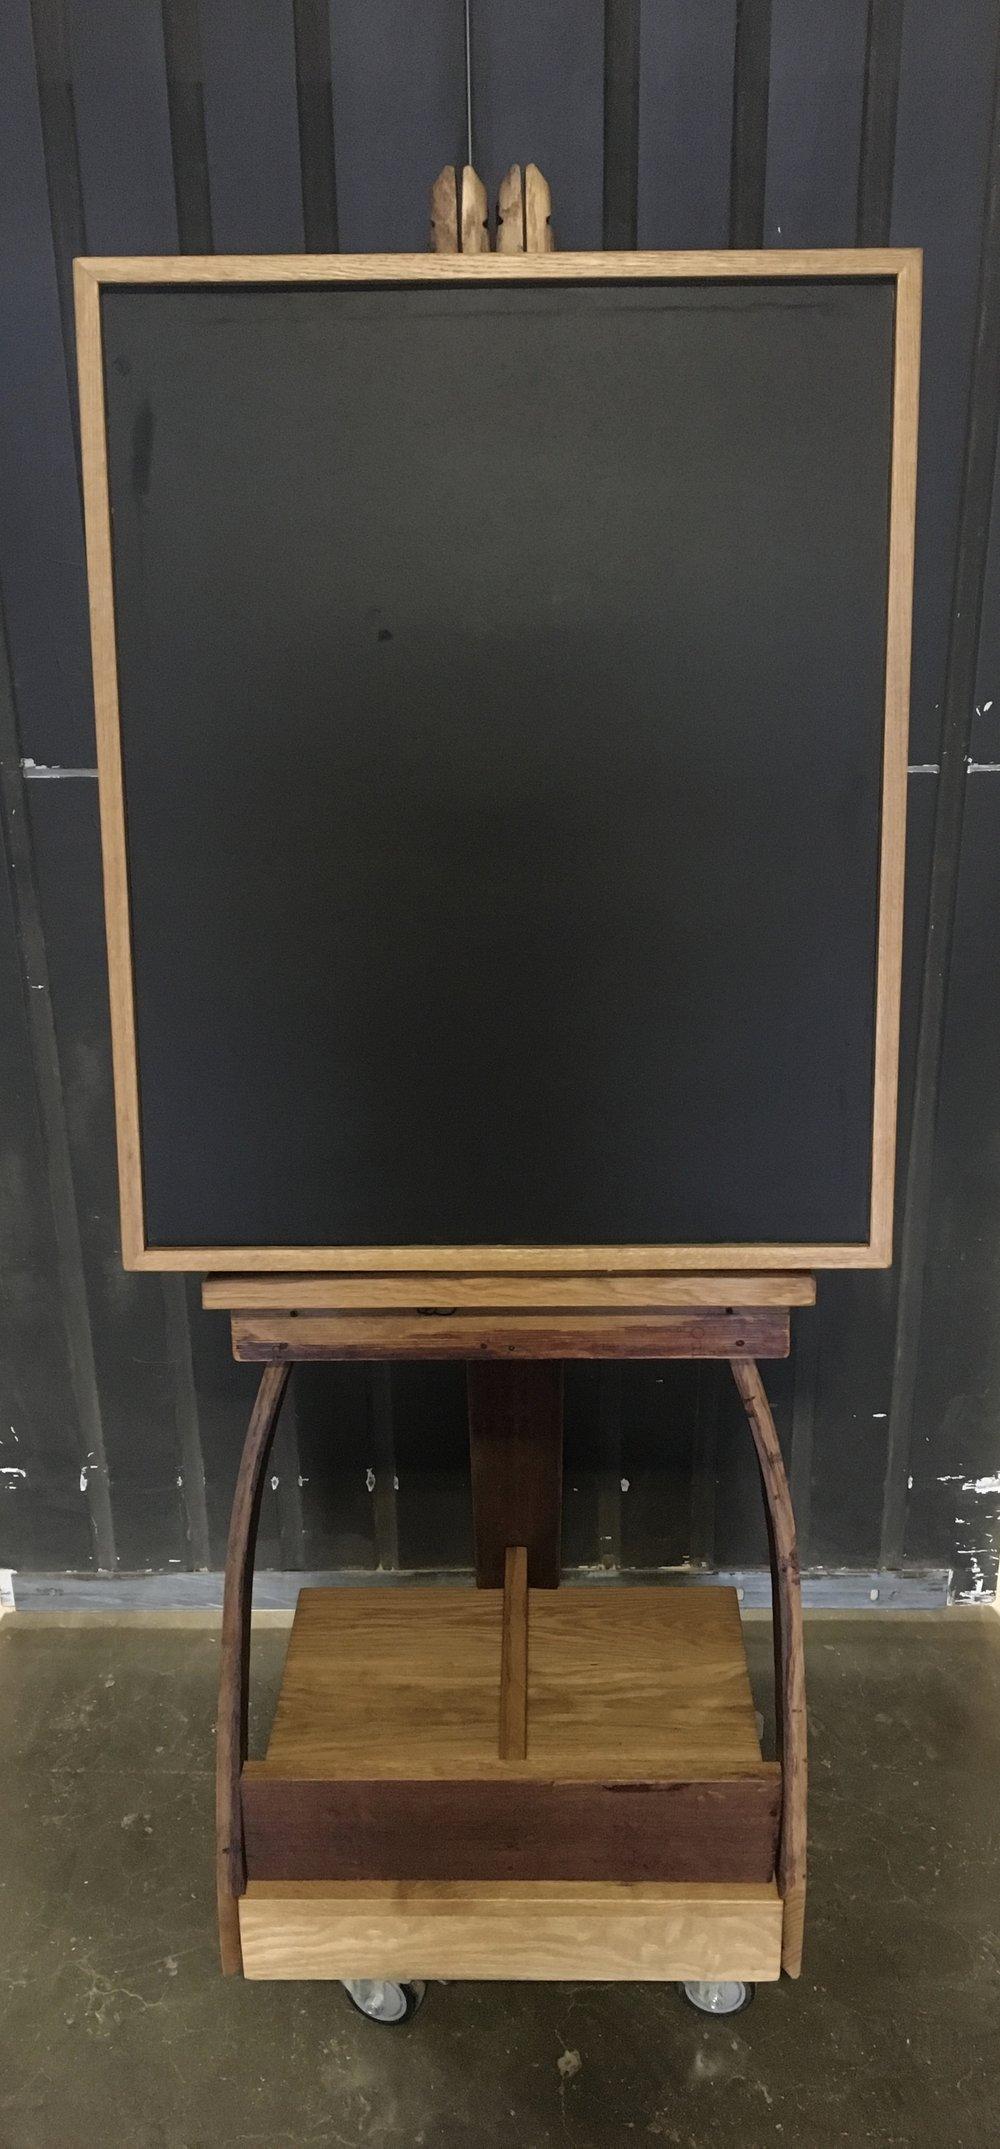 Barrel stave easel and chalkboard on mobile base